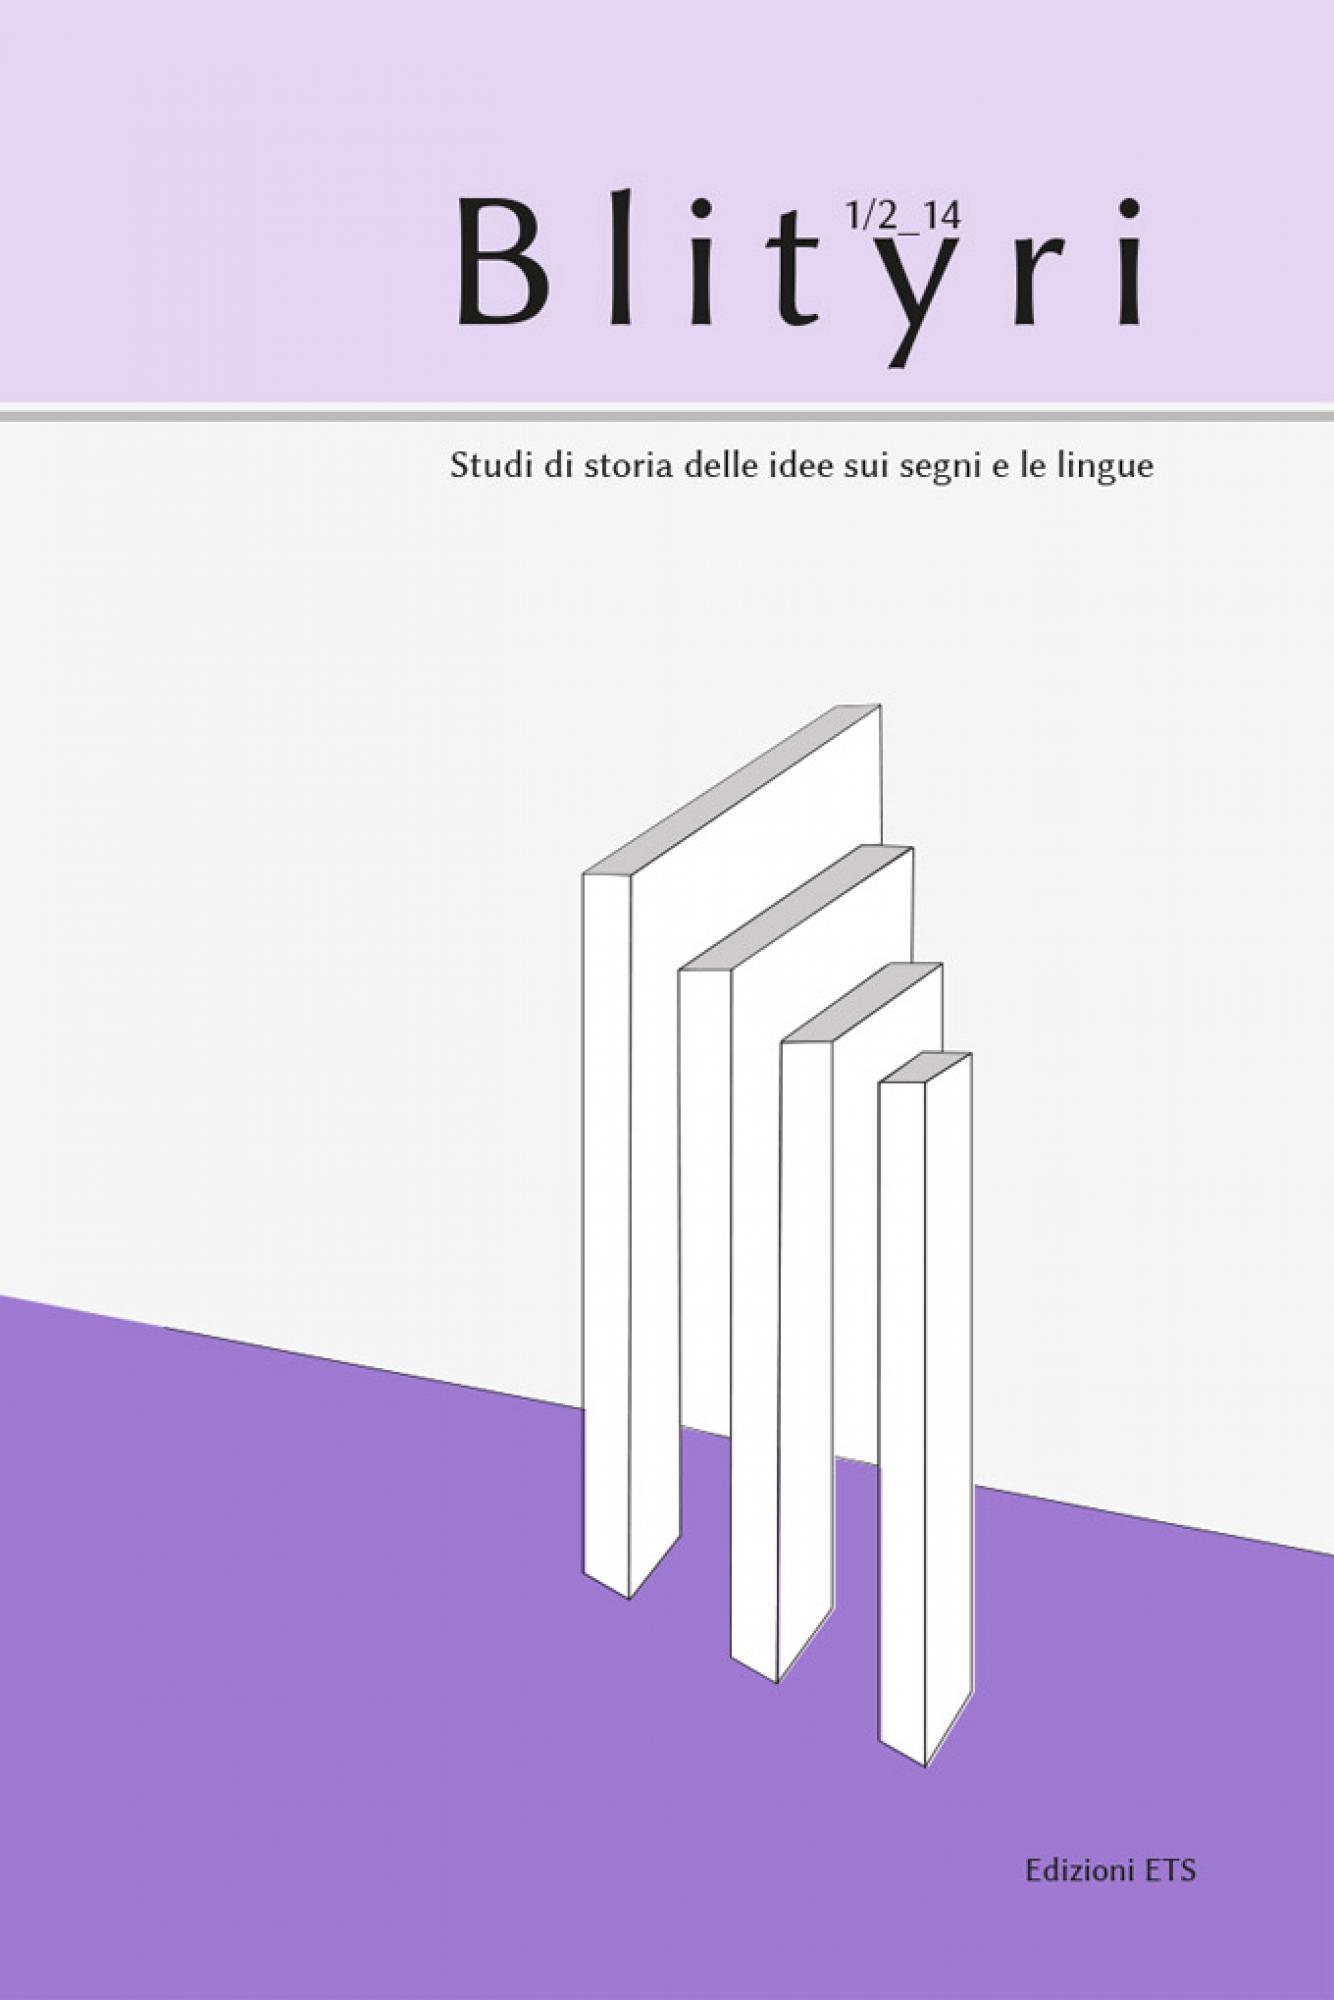 Blityri.La teoria dell'argomentazione i suoi sviluppi – III, 1/2-2014